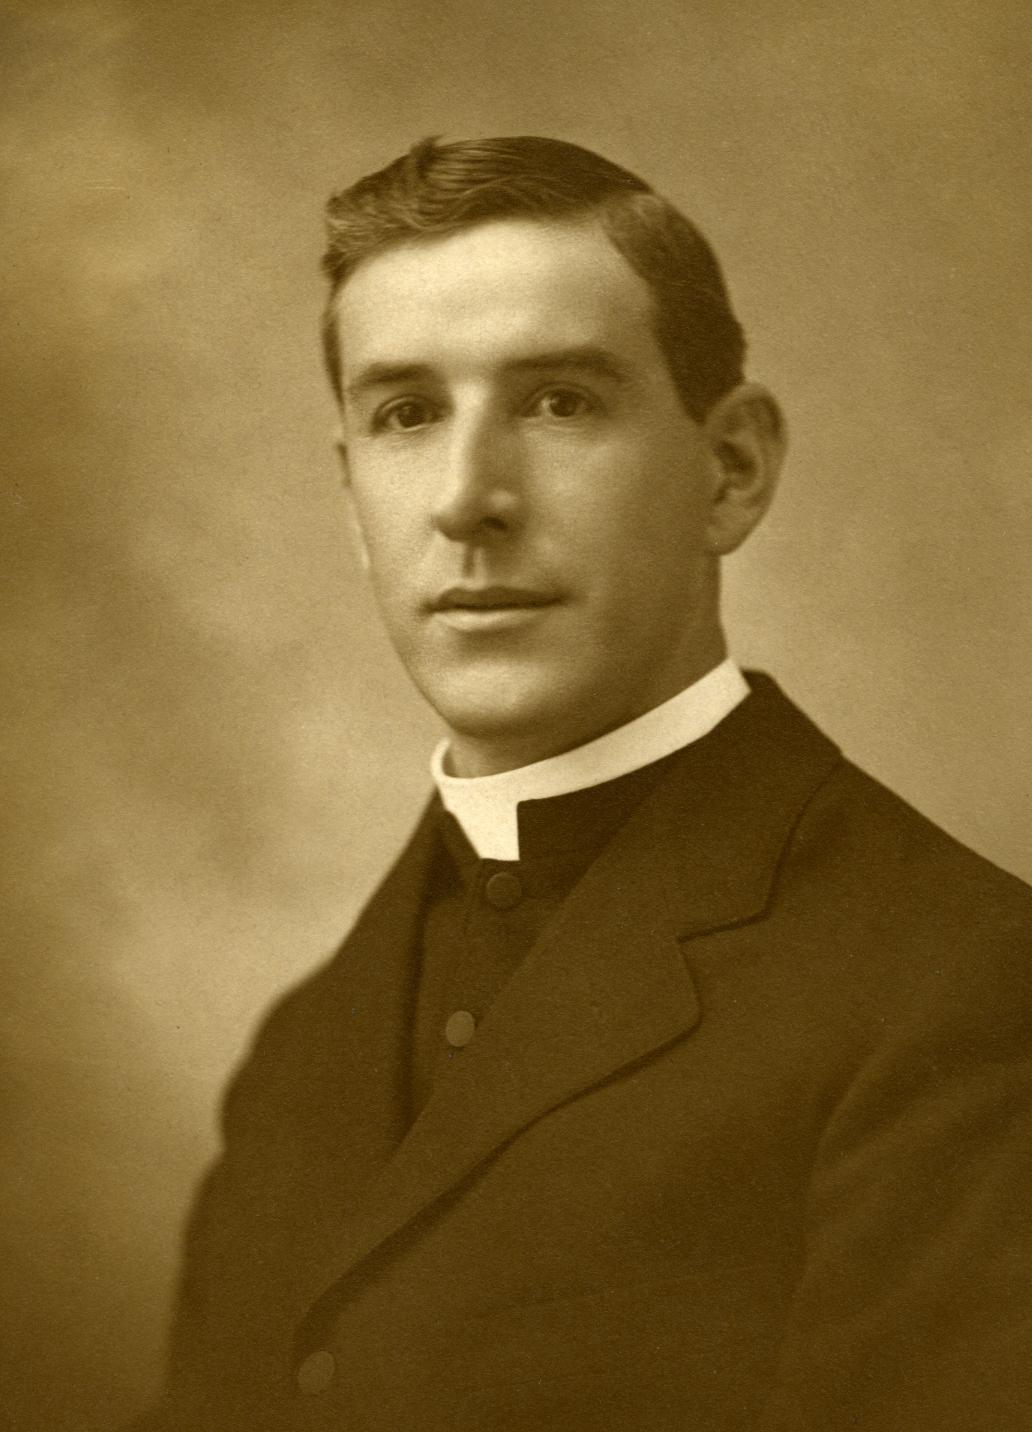 Fr. Linus Brugger, O.S.B.